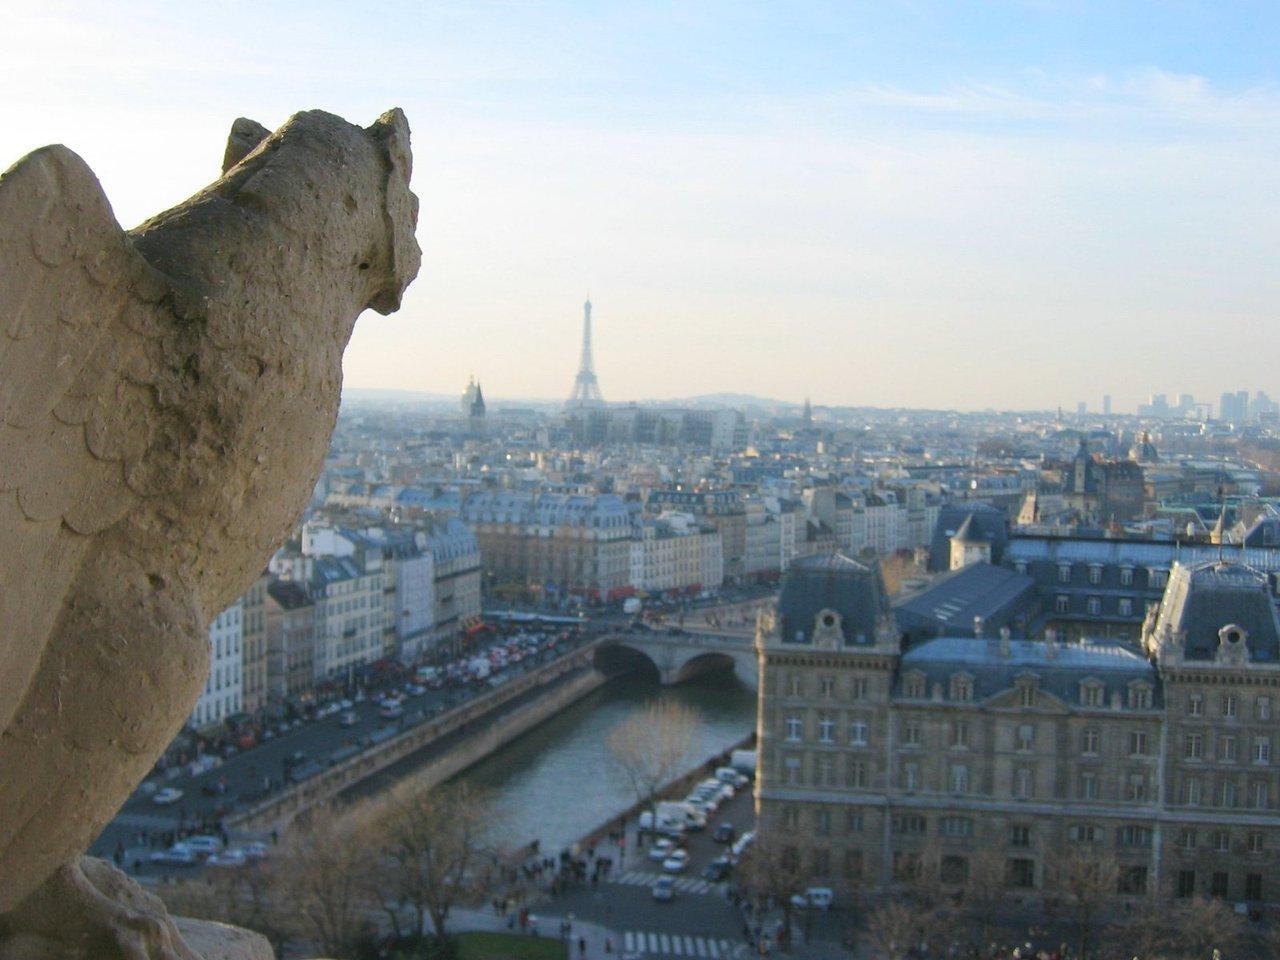 Miasto romantyzmu i artystów, czyli Paryż